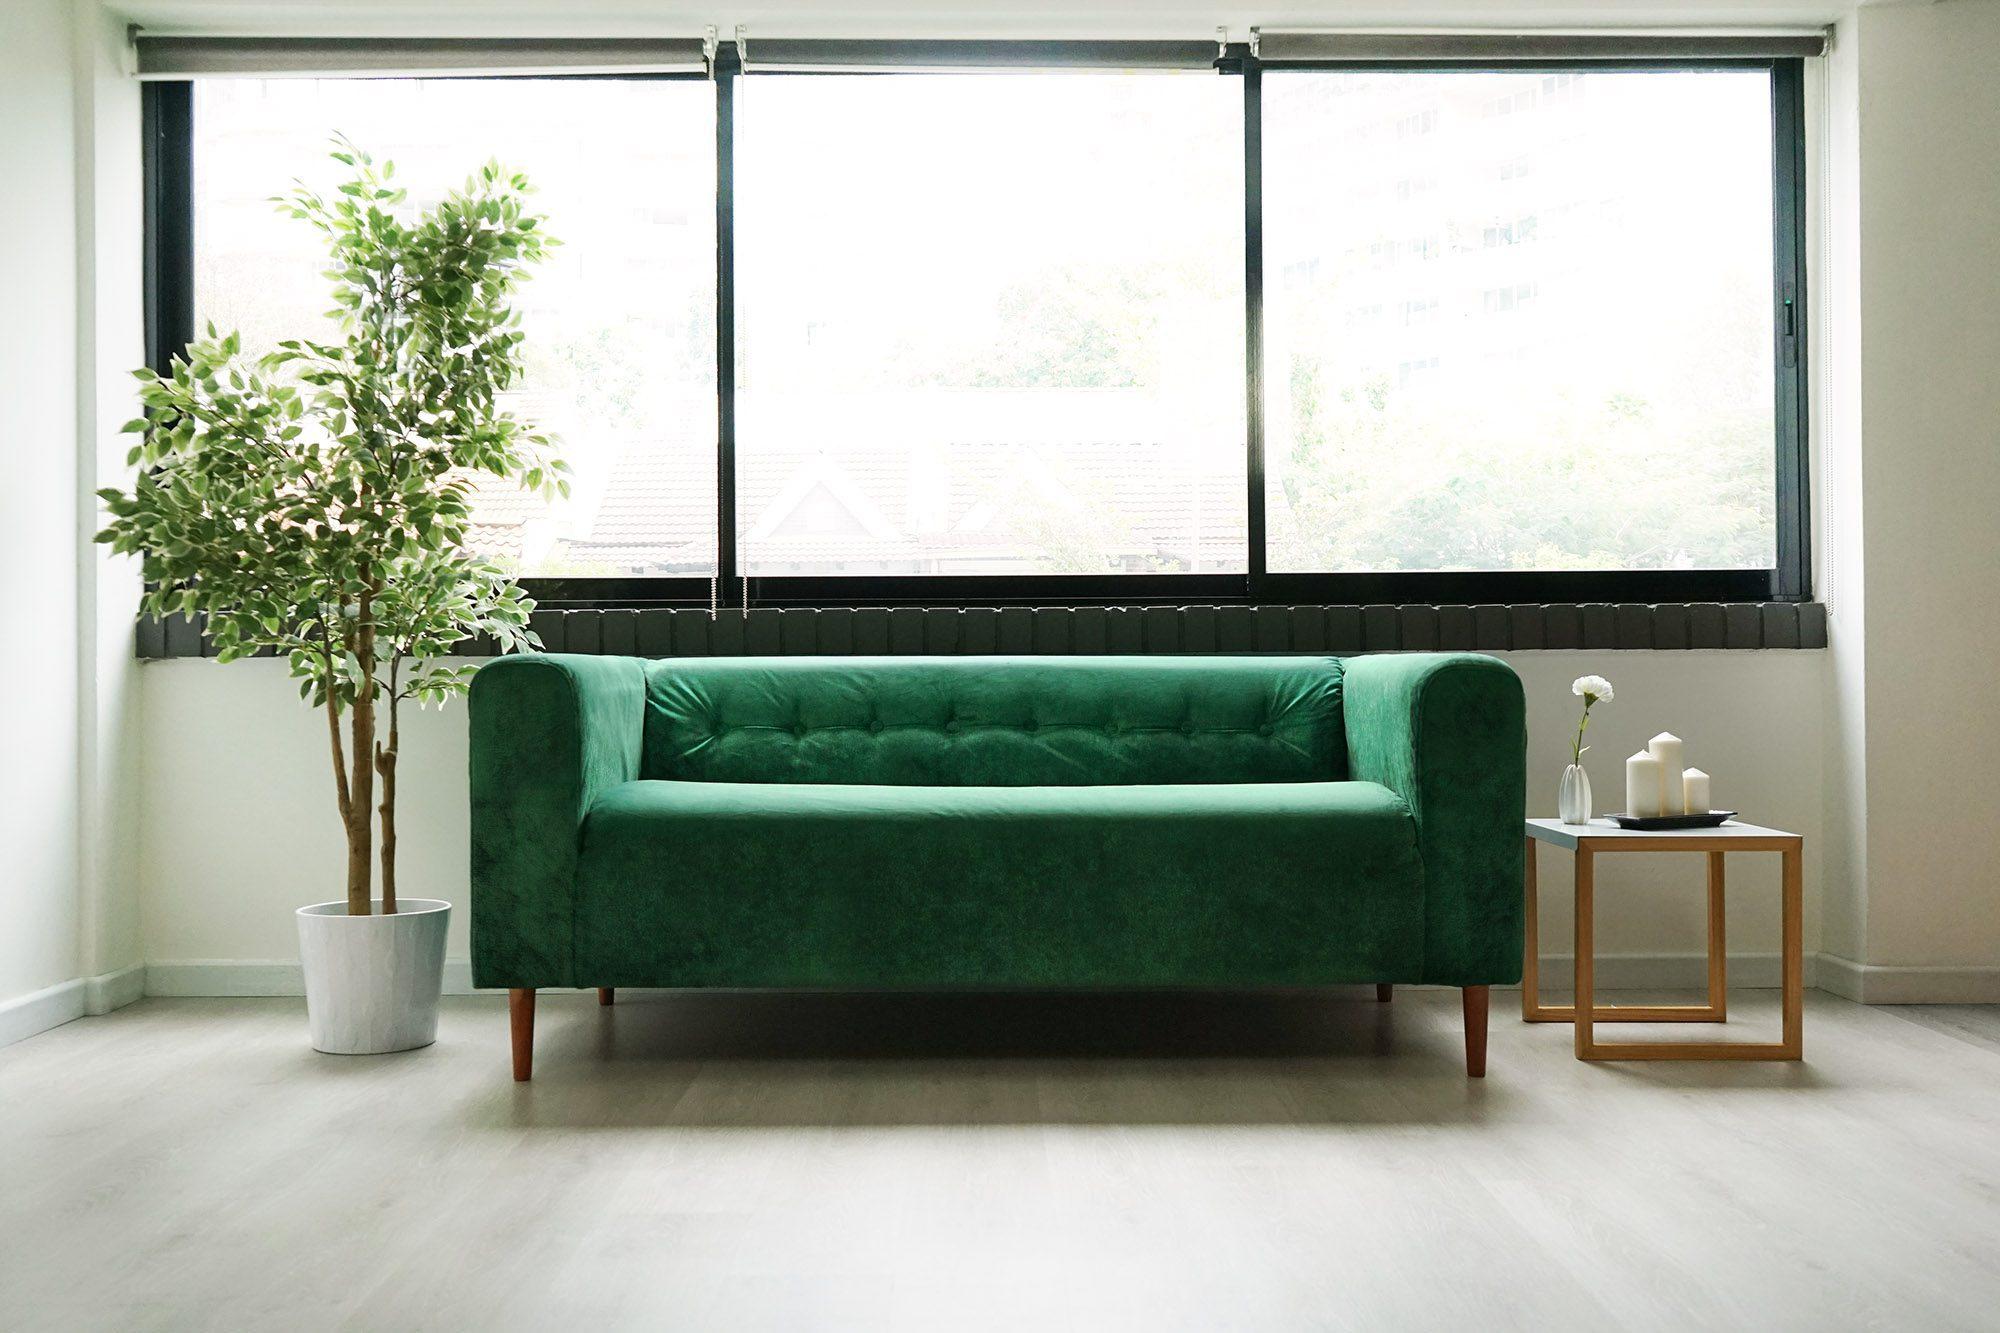 Opinión y comentarios sobre el sofá IKEA Klippan de IKEA